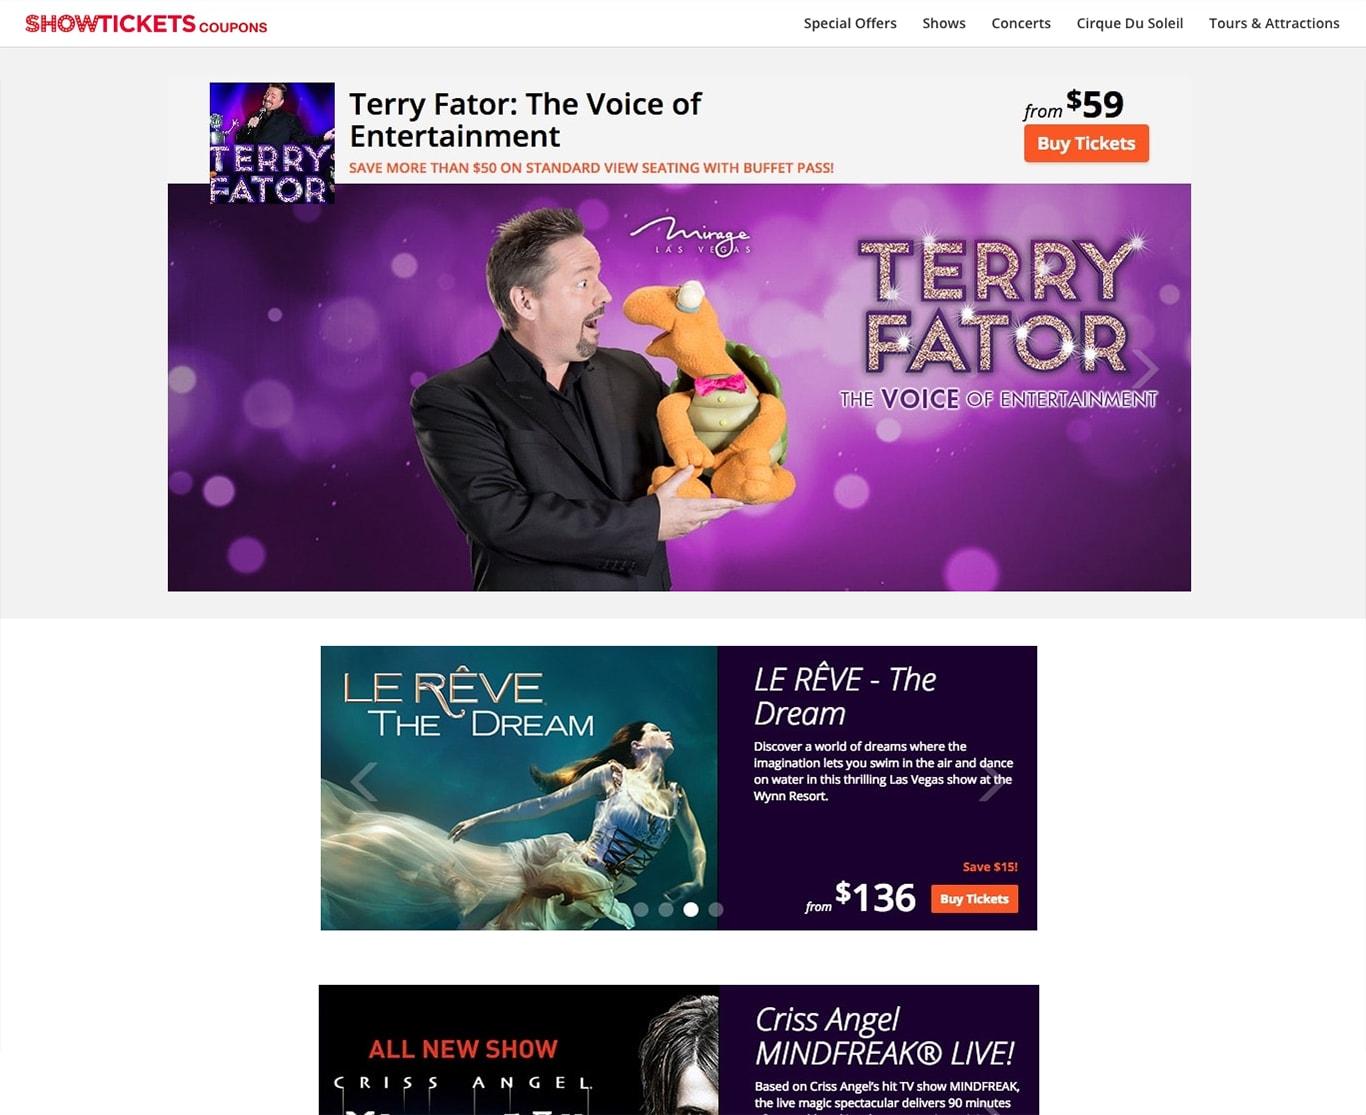 SEO продвижение сайтов в США-portfolio-seo-services-seotoptop.com-showtickets